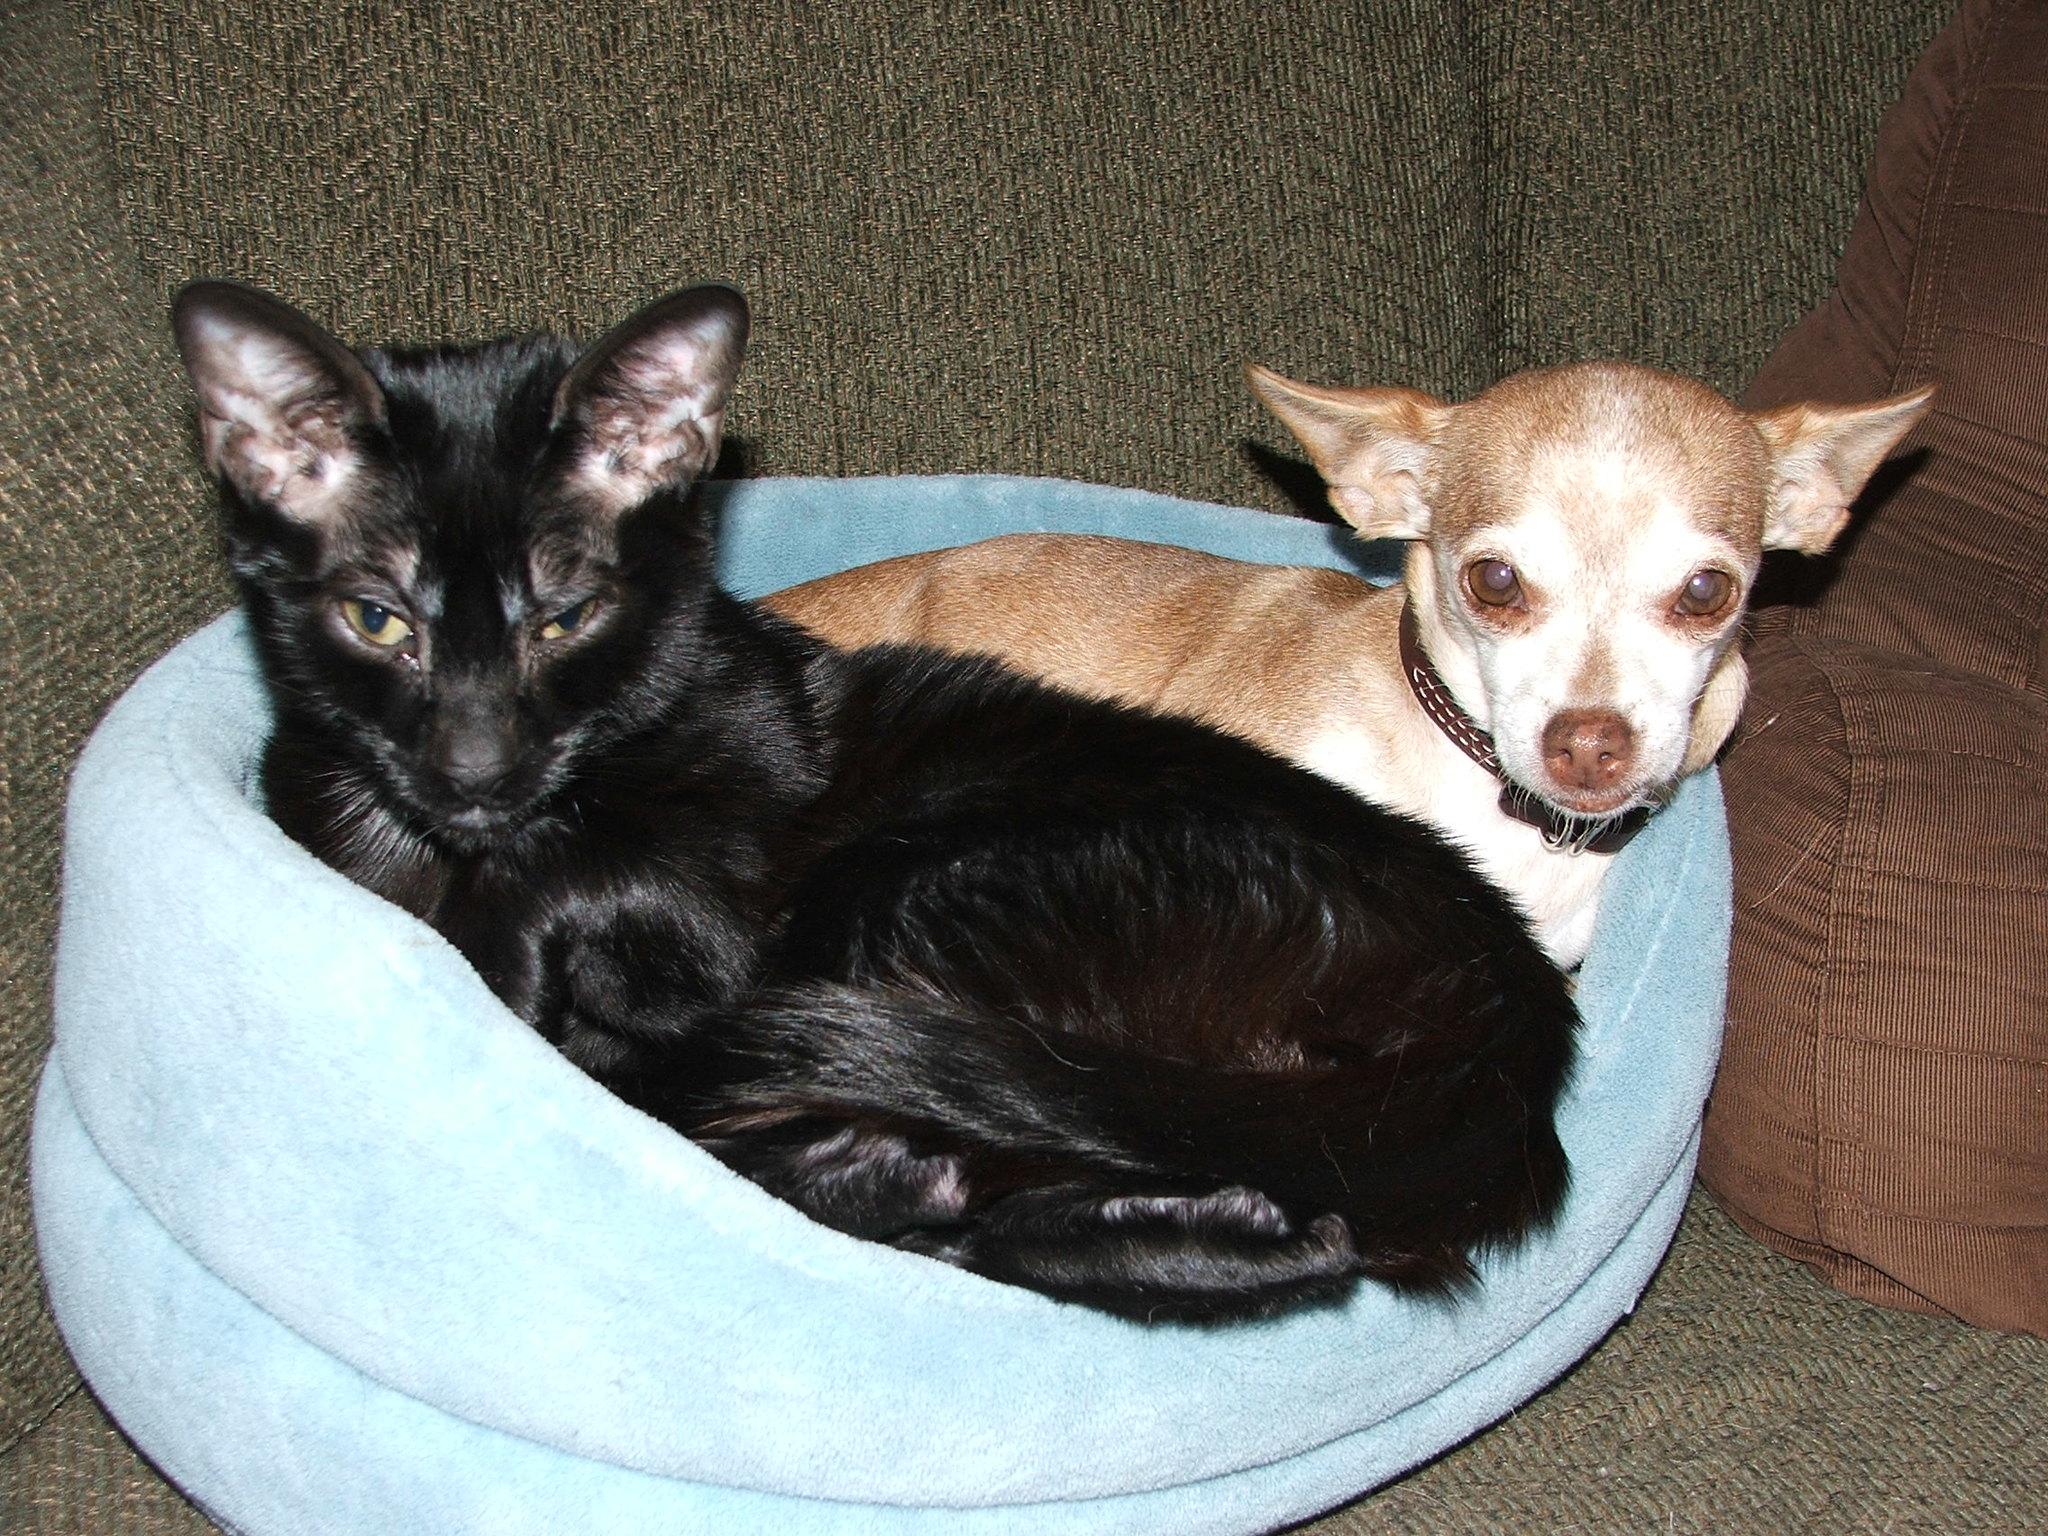 cachorro e gato juntos na mesma cama em lar muti-pet